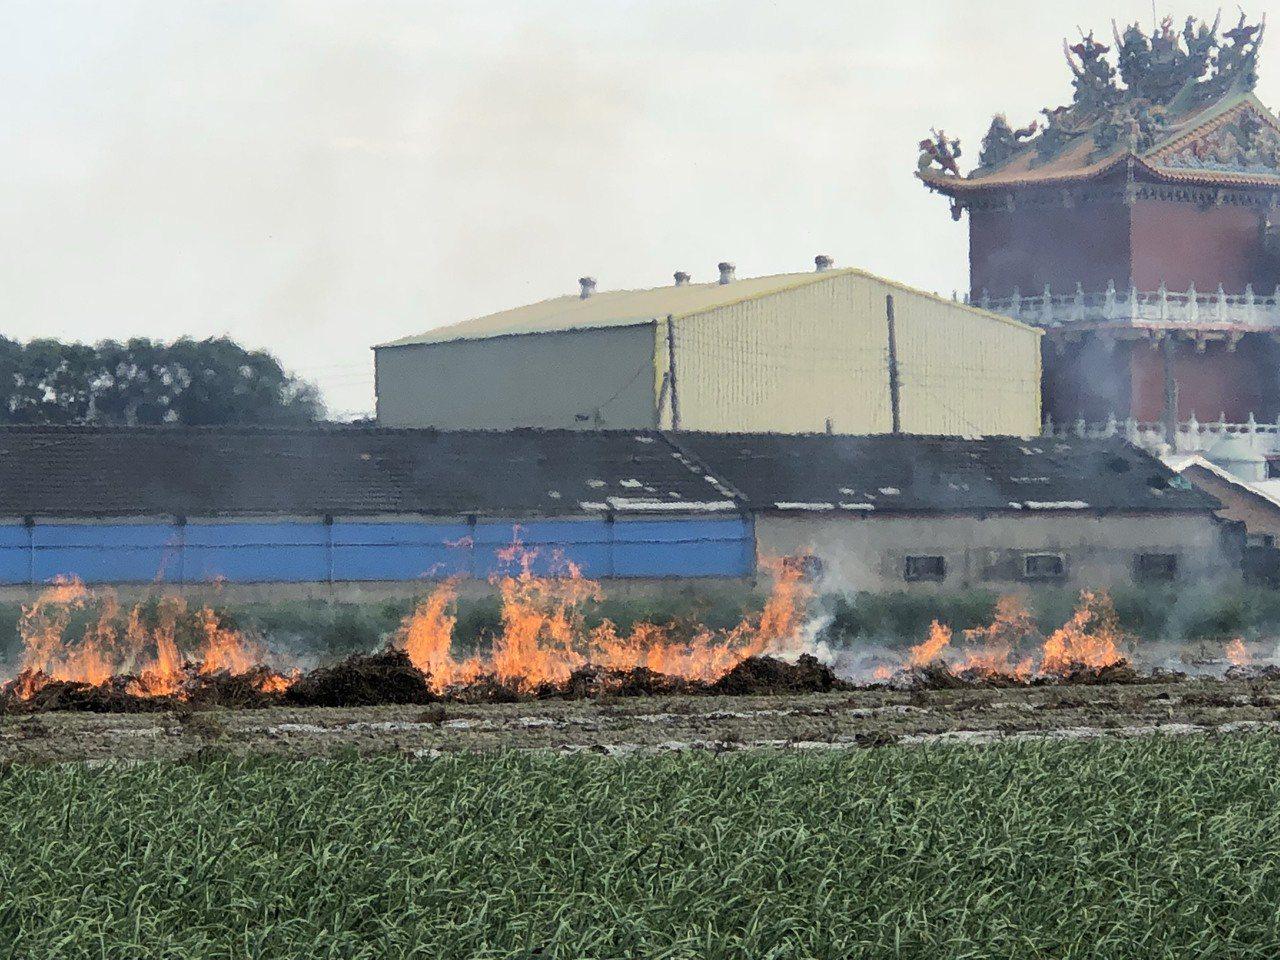 現在正值二期稻作收割期,但中南部還是稻草燒得如火如荼,從彰化、雲林、嘉義、台南,...